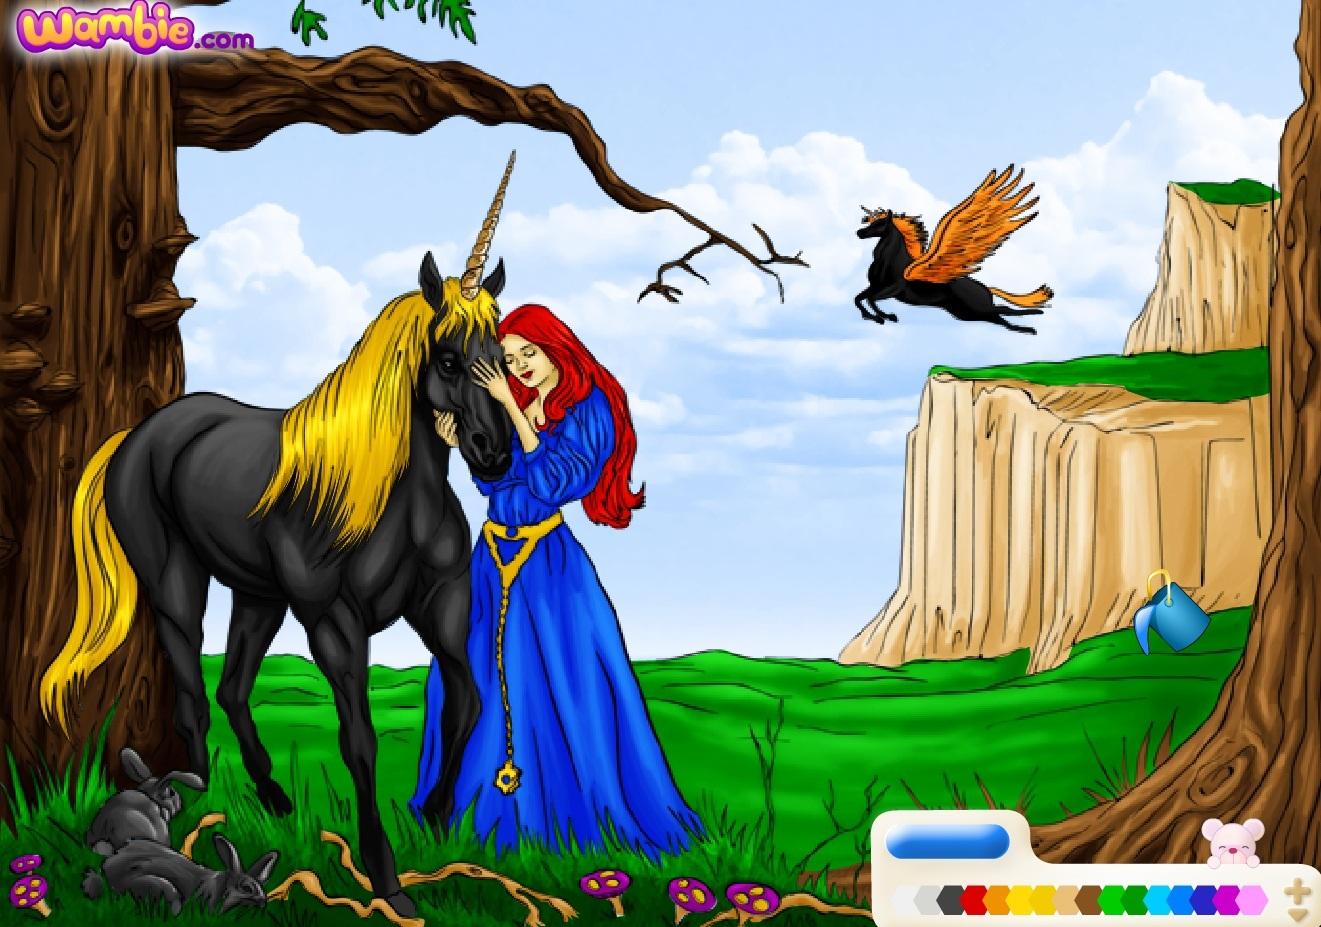 Раскраска Принцесса расчесывает волосы | Раскраски Каталог раскрасок. | 927x1321